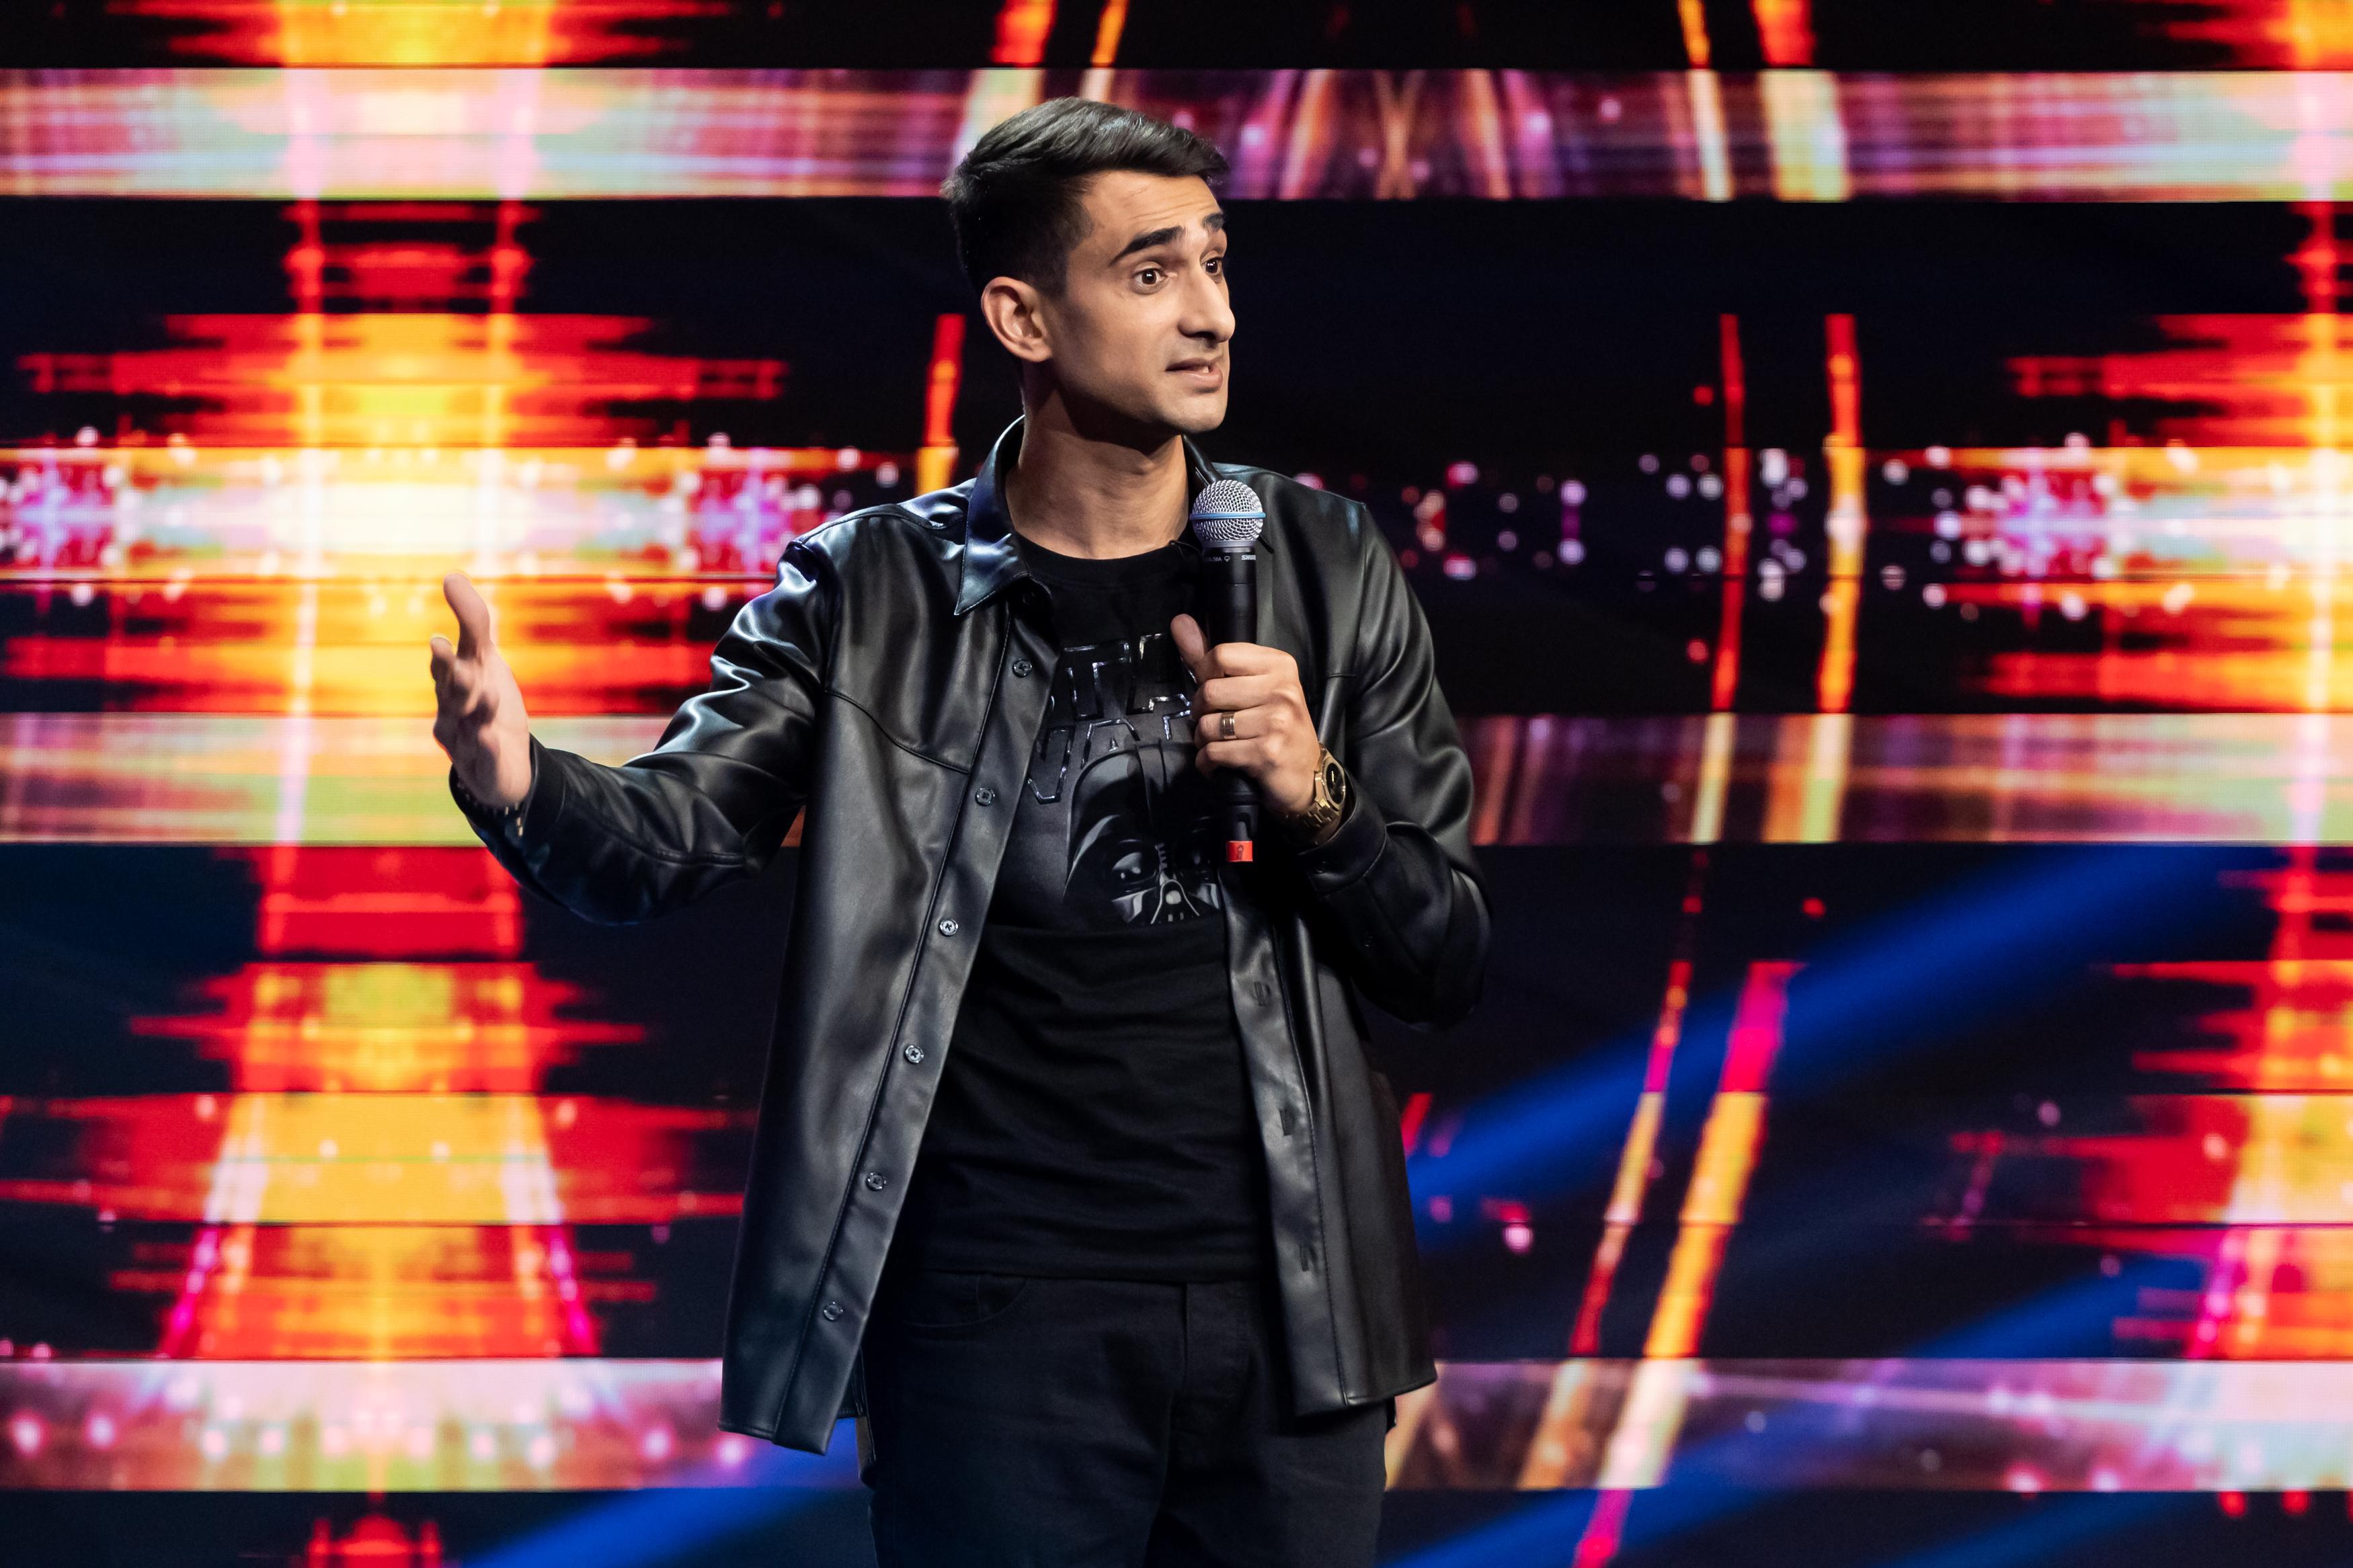 iUmor, 14 februarie 2021. Florin Gheorghe stârnește hohote de râs cu glume despre supereroul Rombo